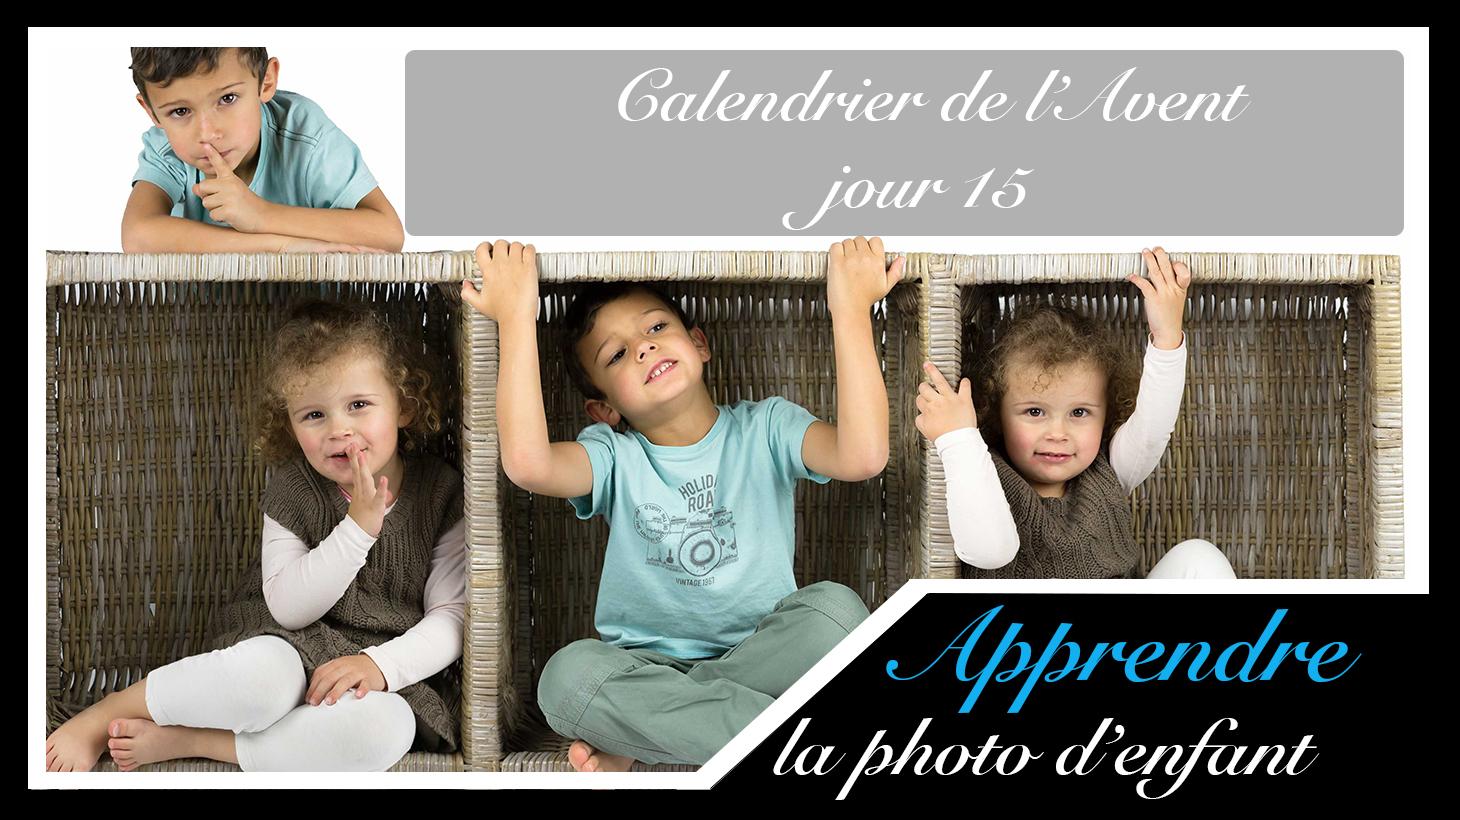 Jour 15 – Calendrier de l'Avent spécial Photo d'enfant